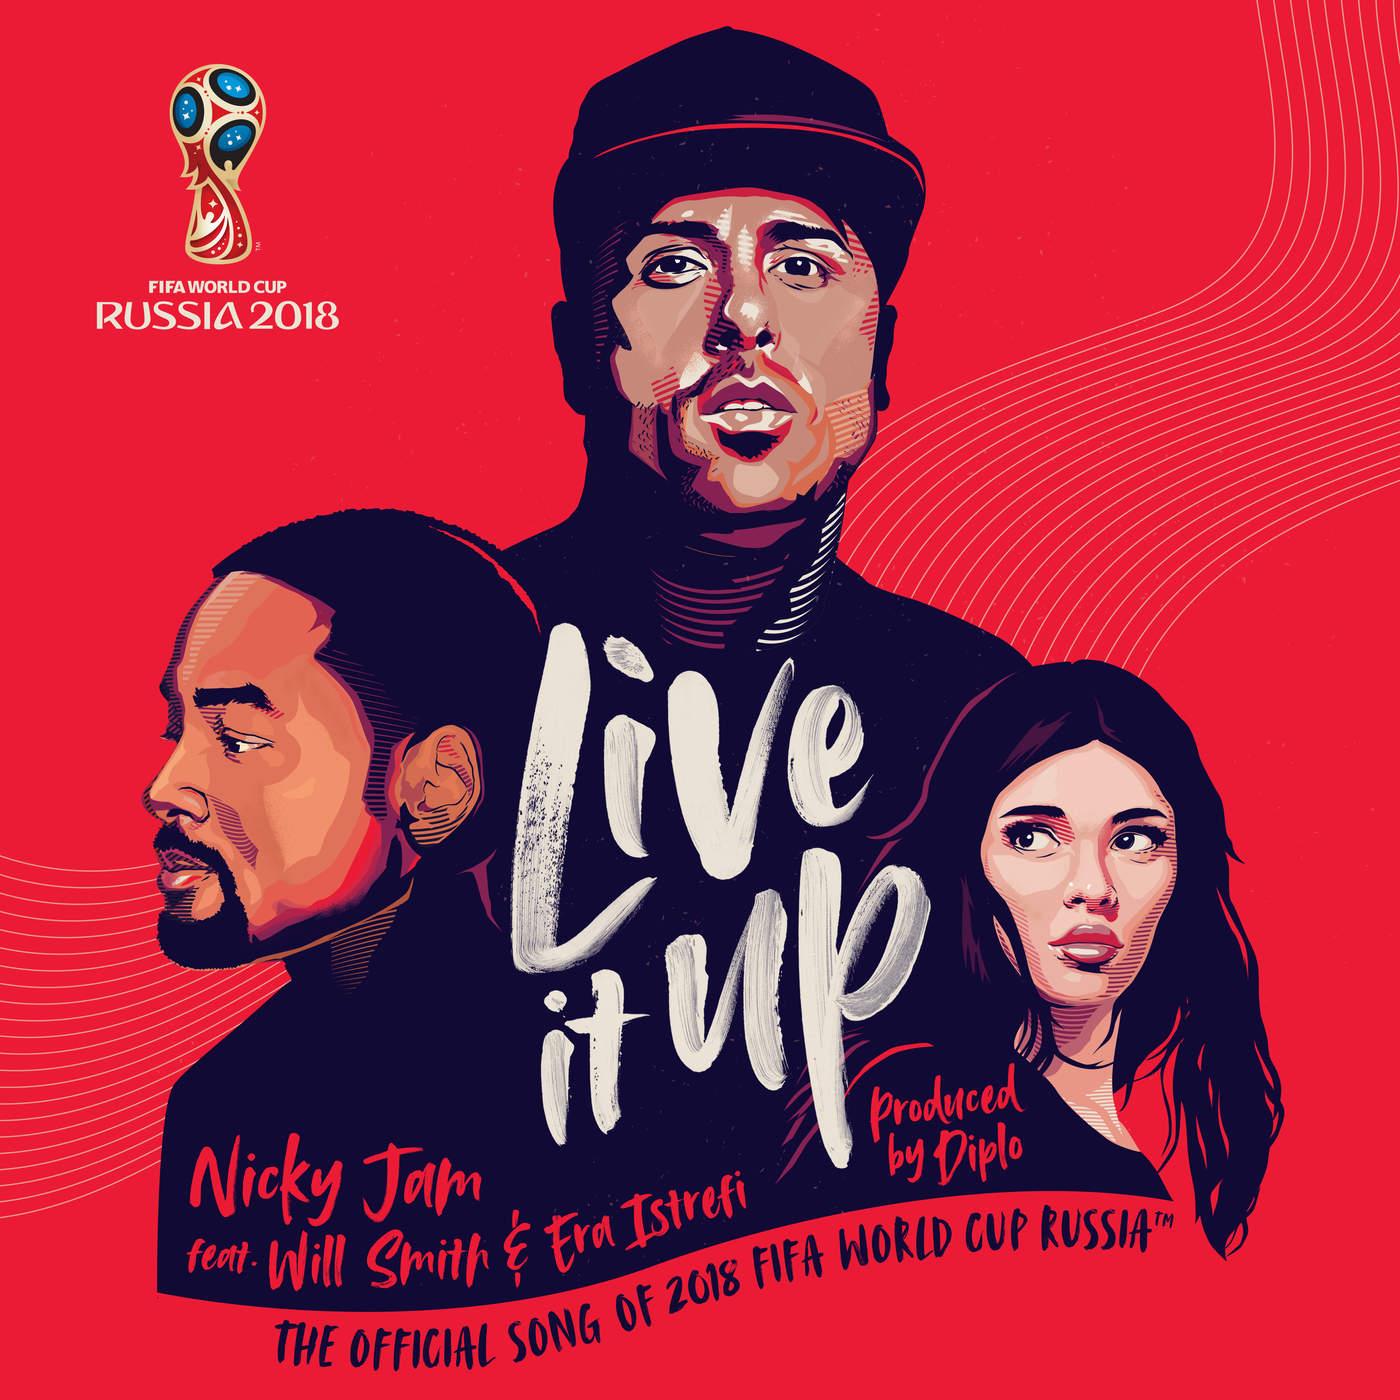 آهنگ رسمی جام جهانی 2018 روسیه به نام Live it Up